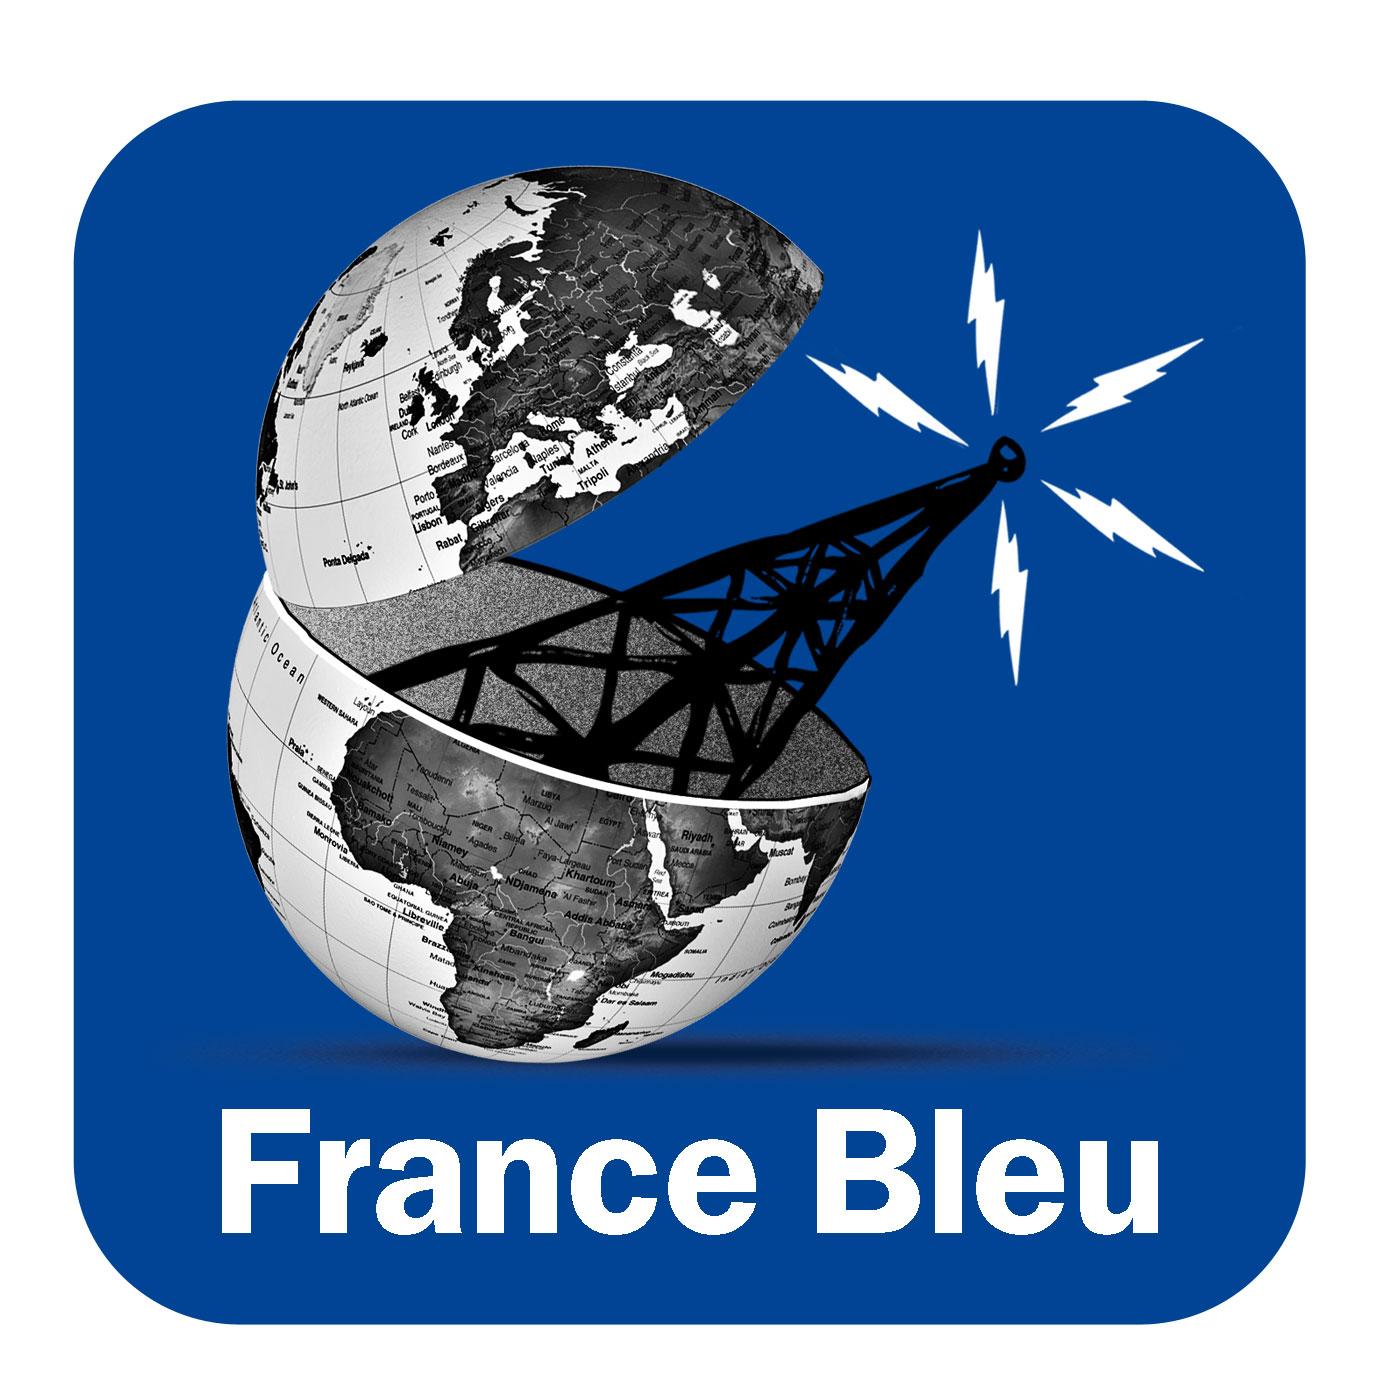 Au cour de l'actu France Bleu Breizh Izel